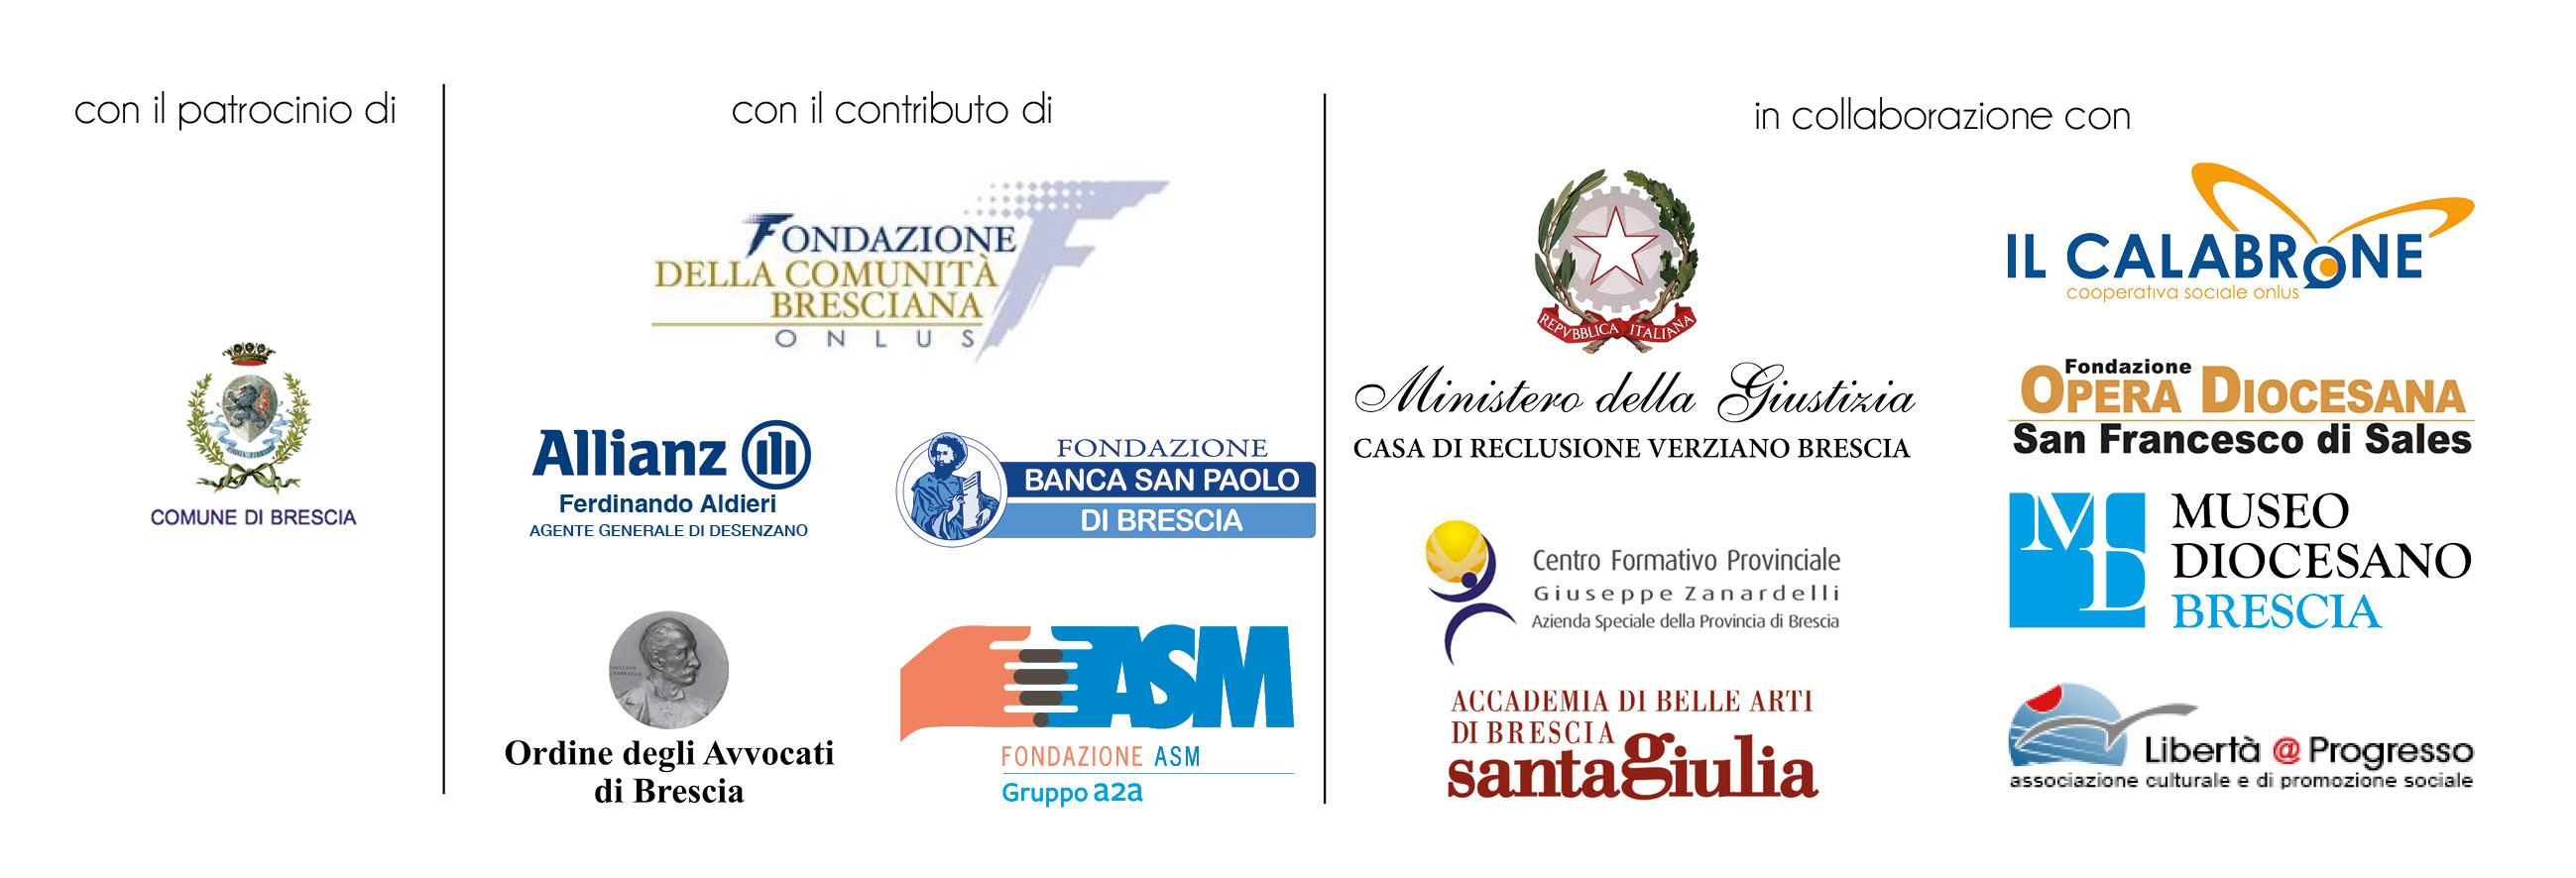 Partecipanti Progetto Verziano 2015